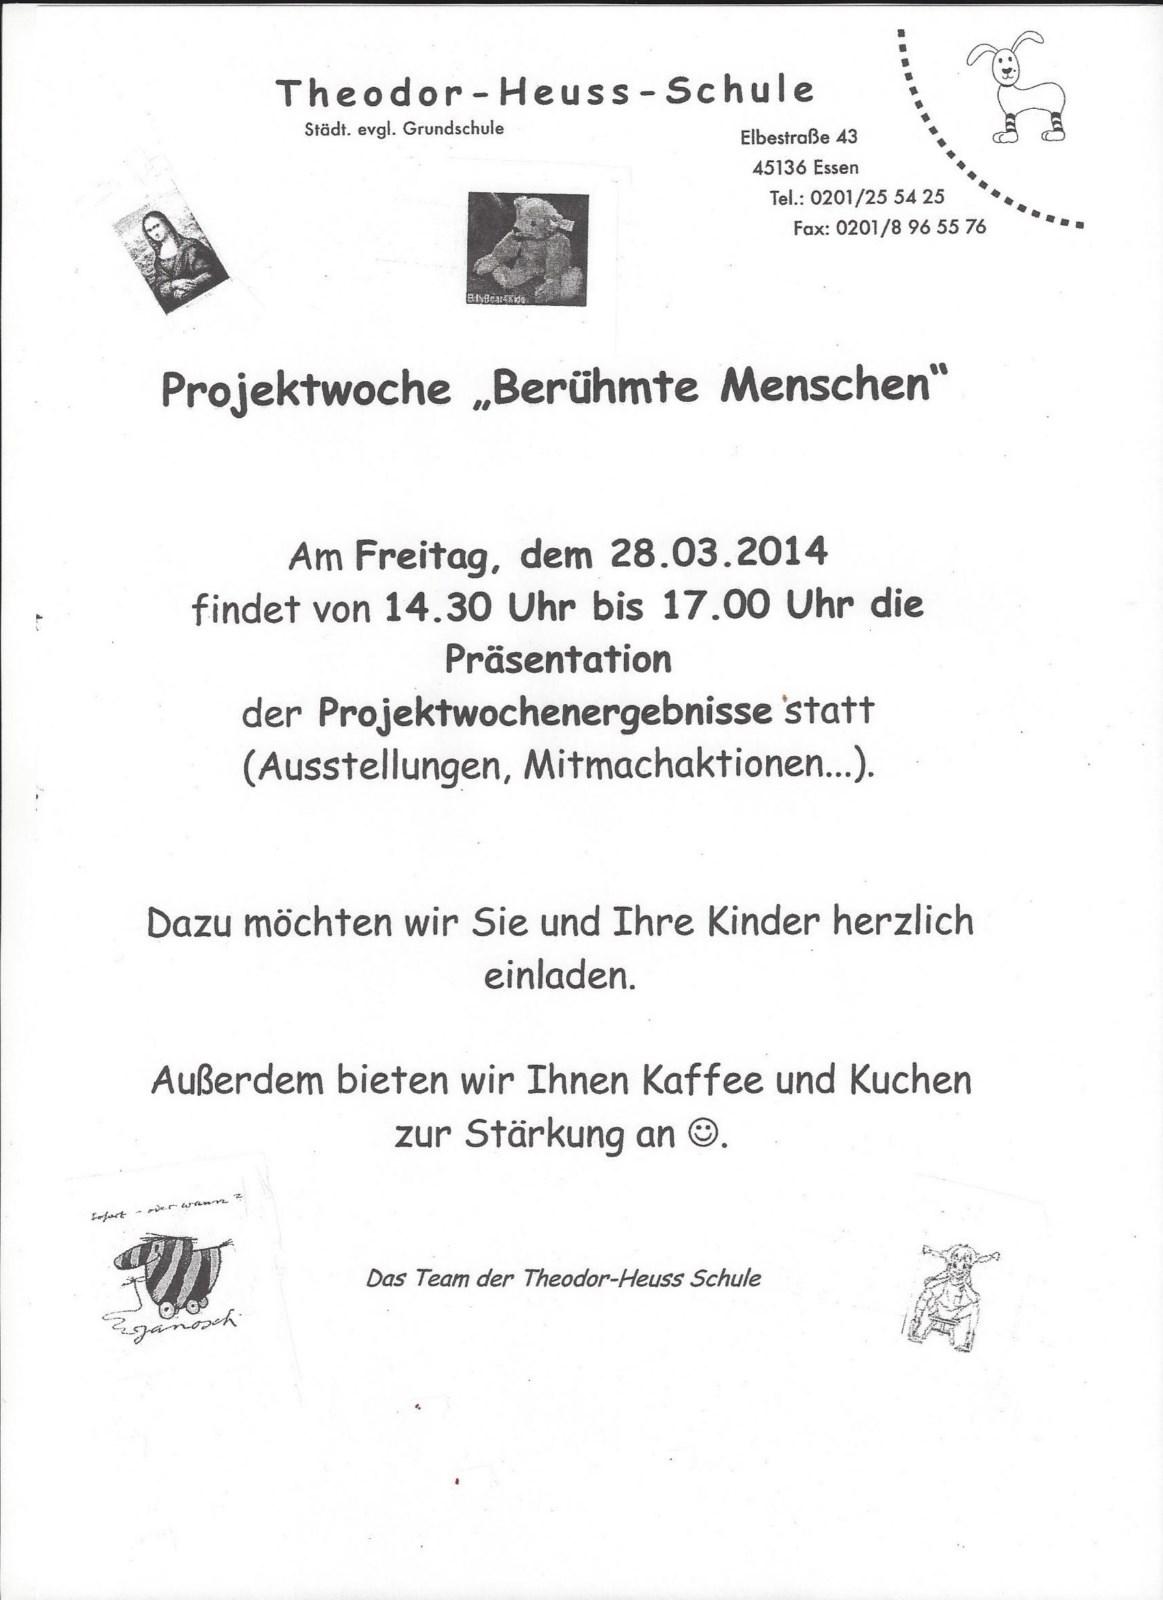 theodor-heuss-schule - aktuelles, Einladung